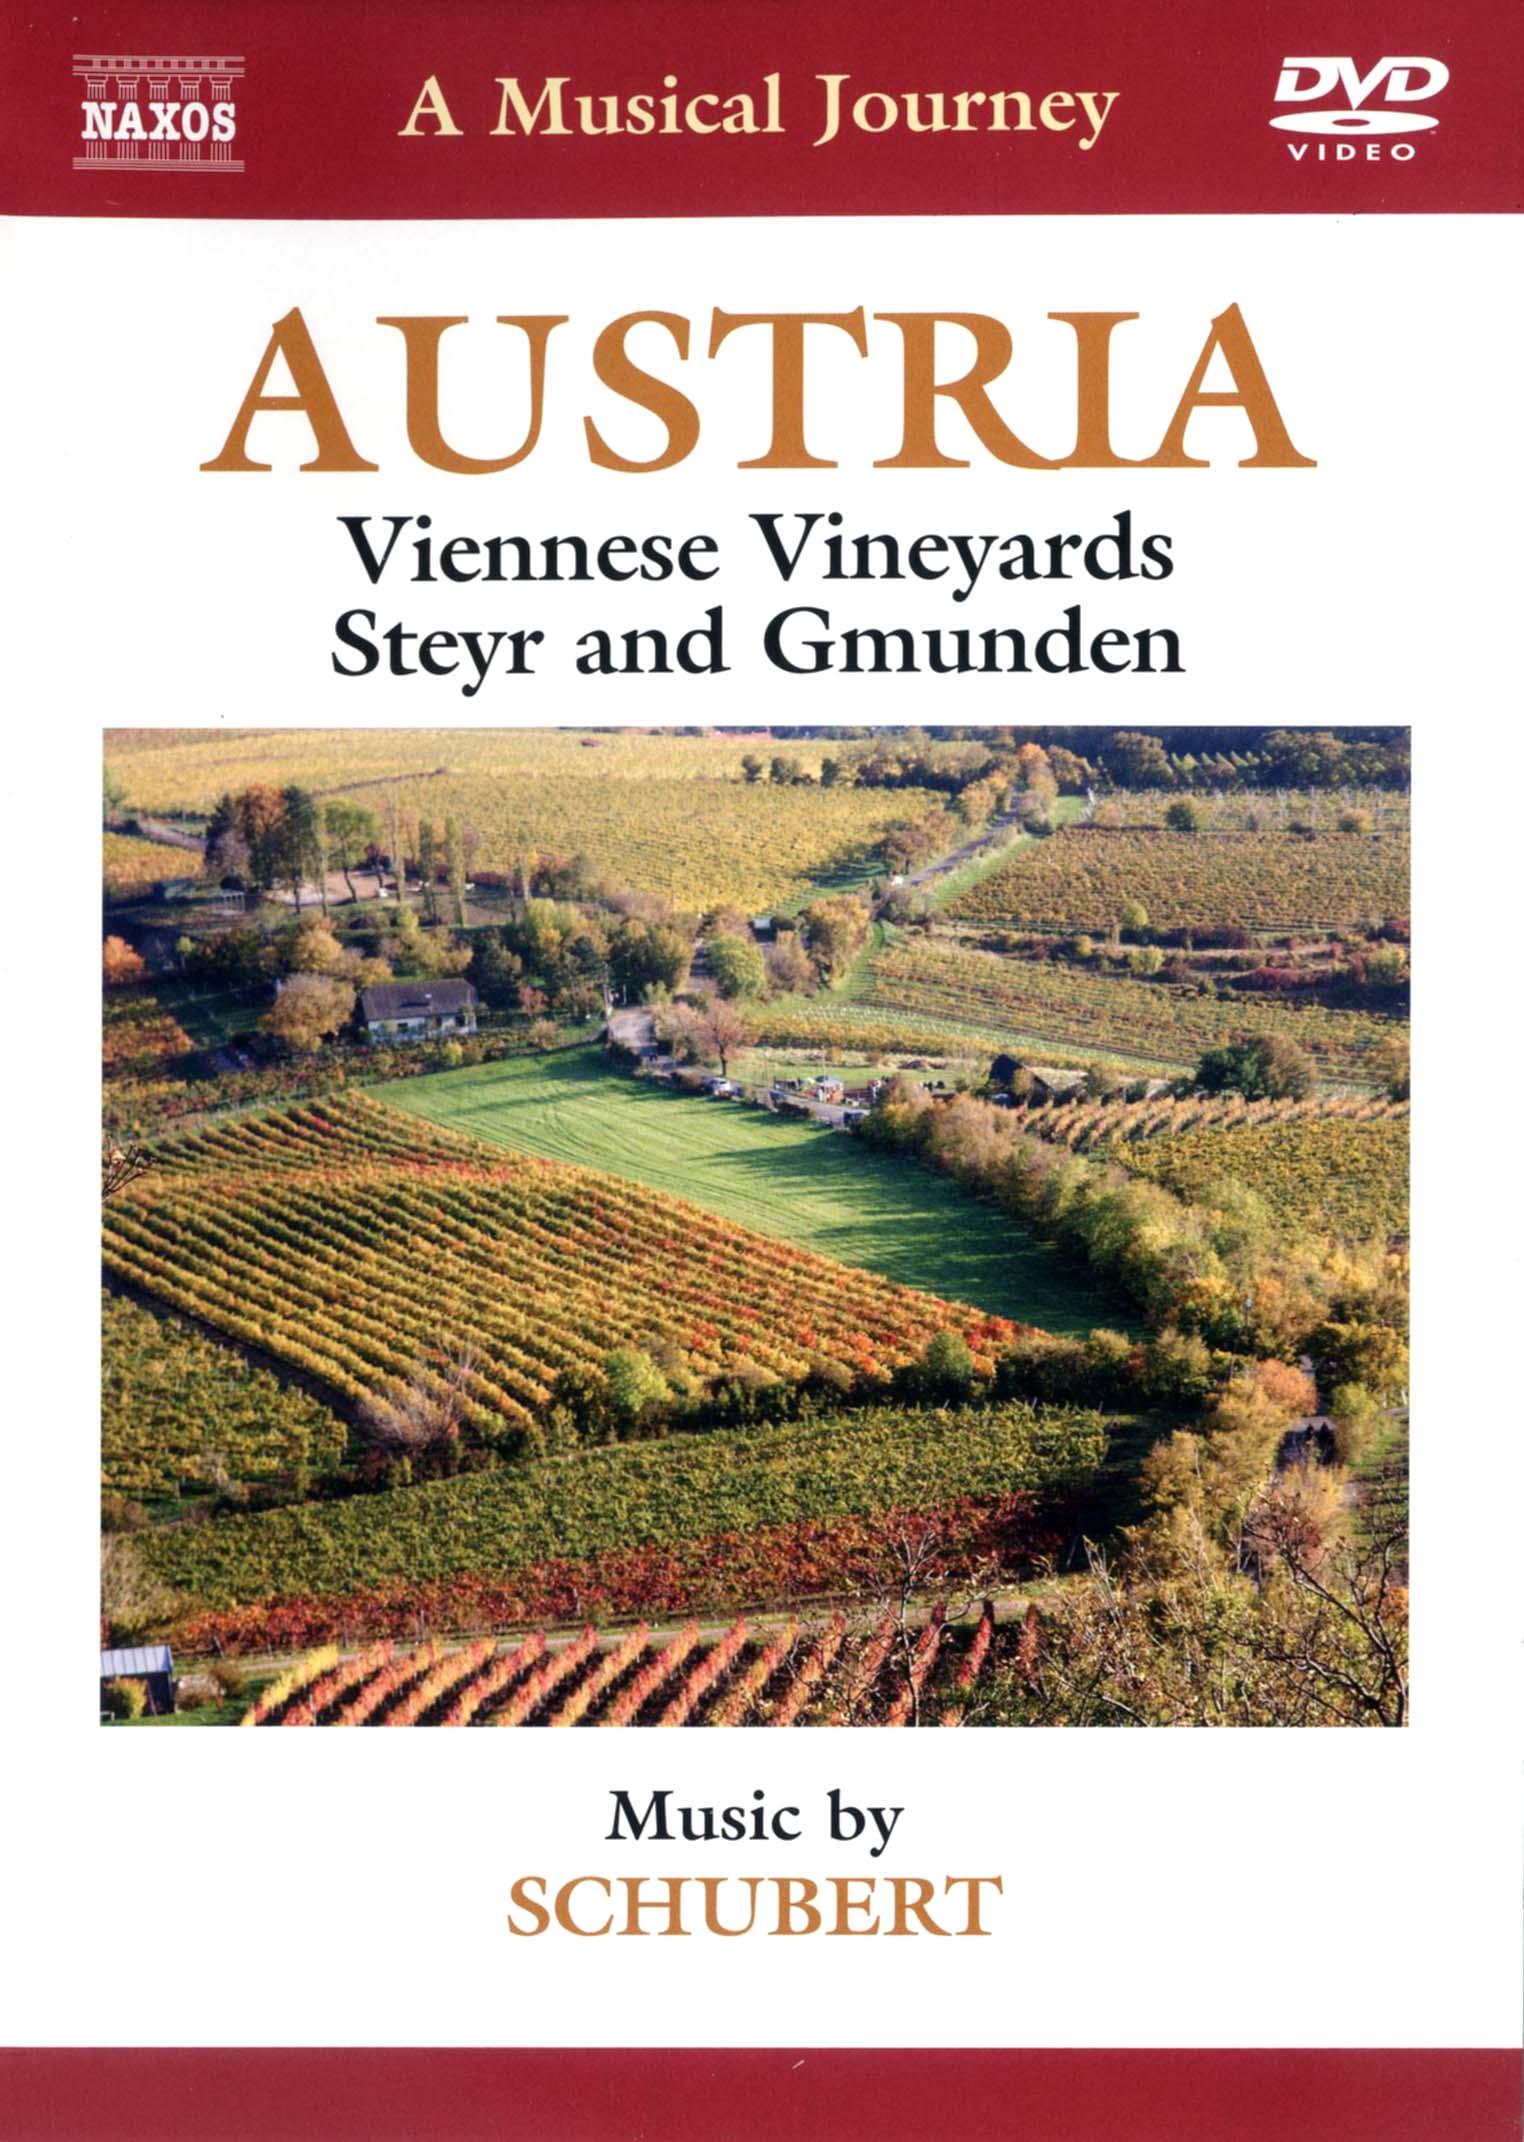 A Musical Journey: Austria - Viennese Vineyards, Steyr and Gmunden